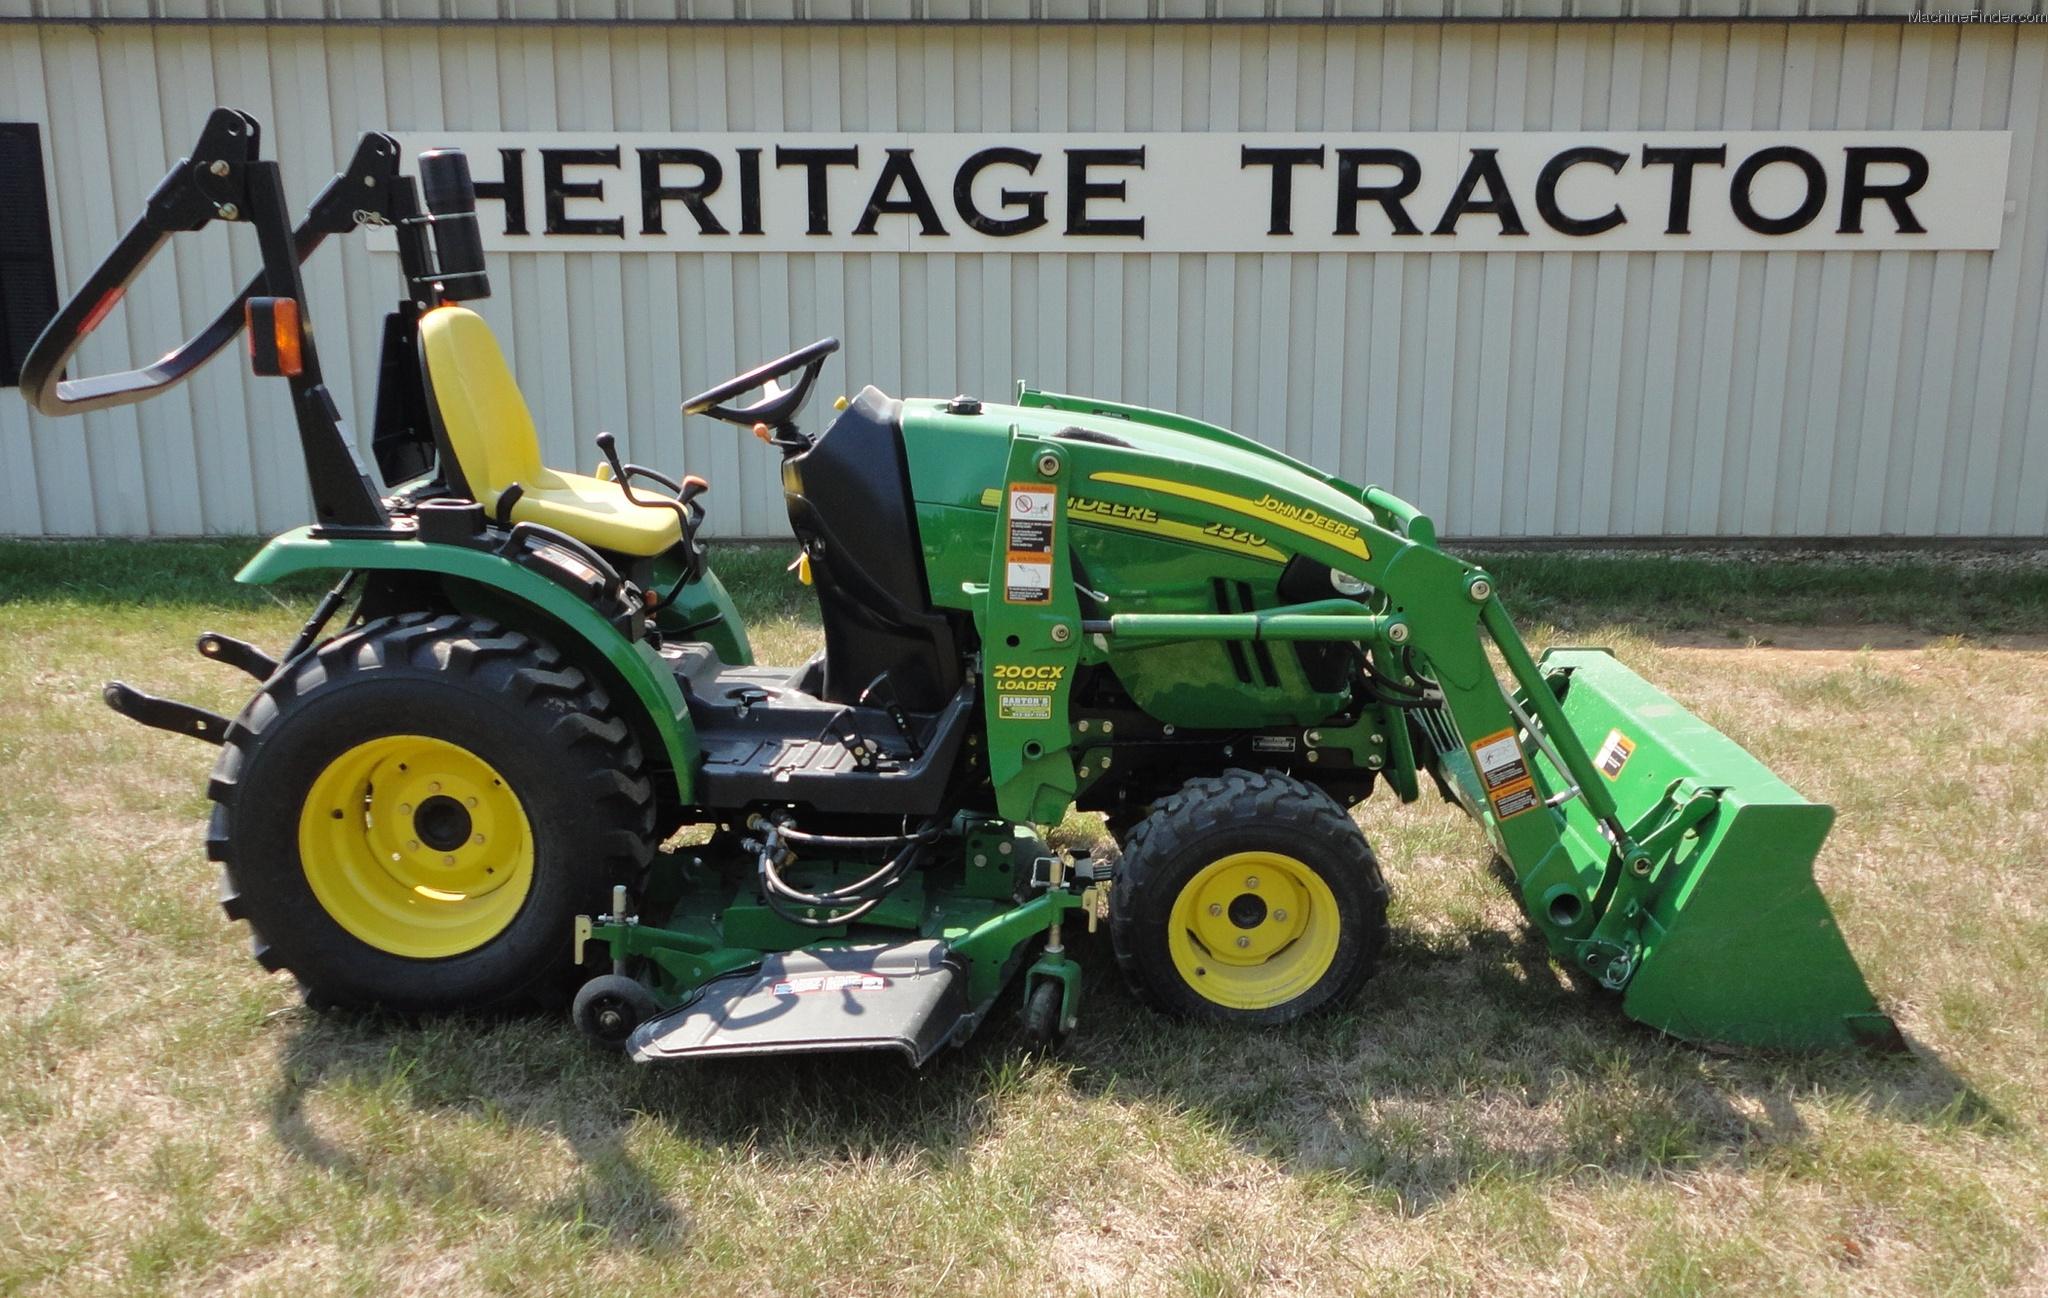 2008 John Deere 2320 Tractors - Compact (1-40hp.) - John Deere ...